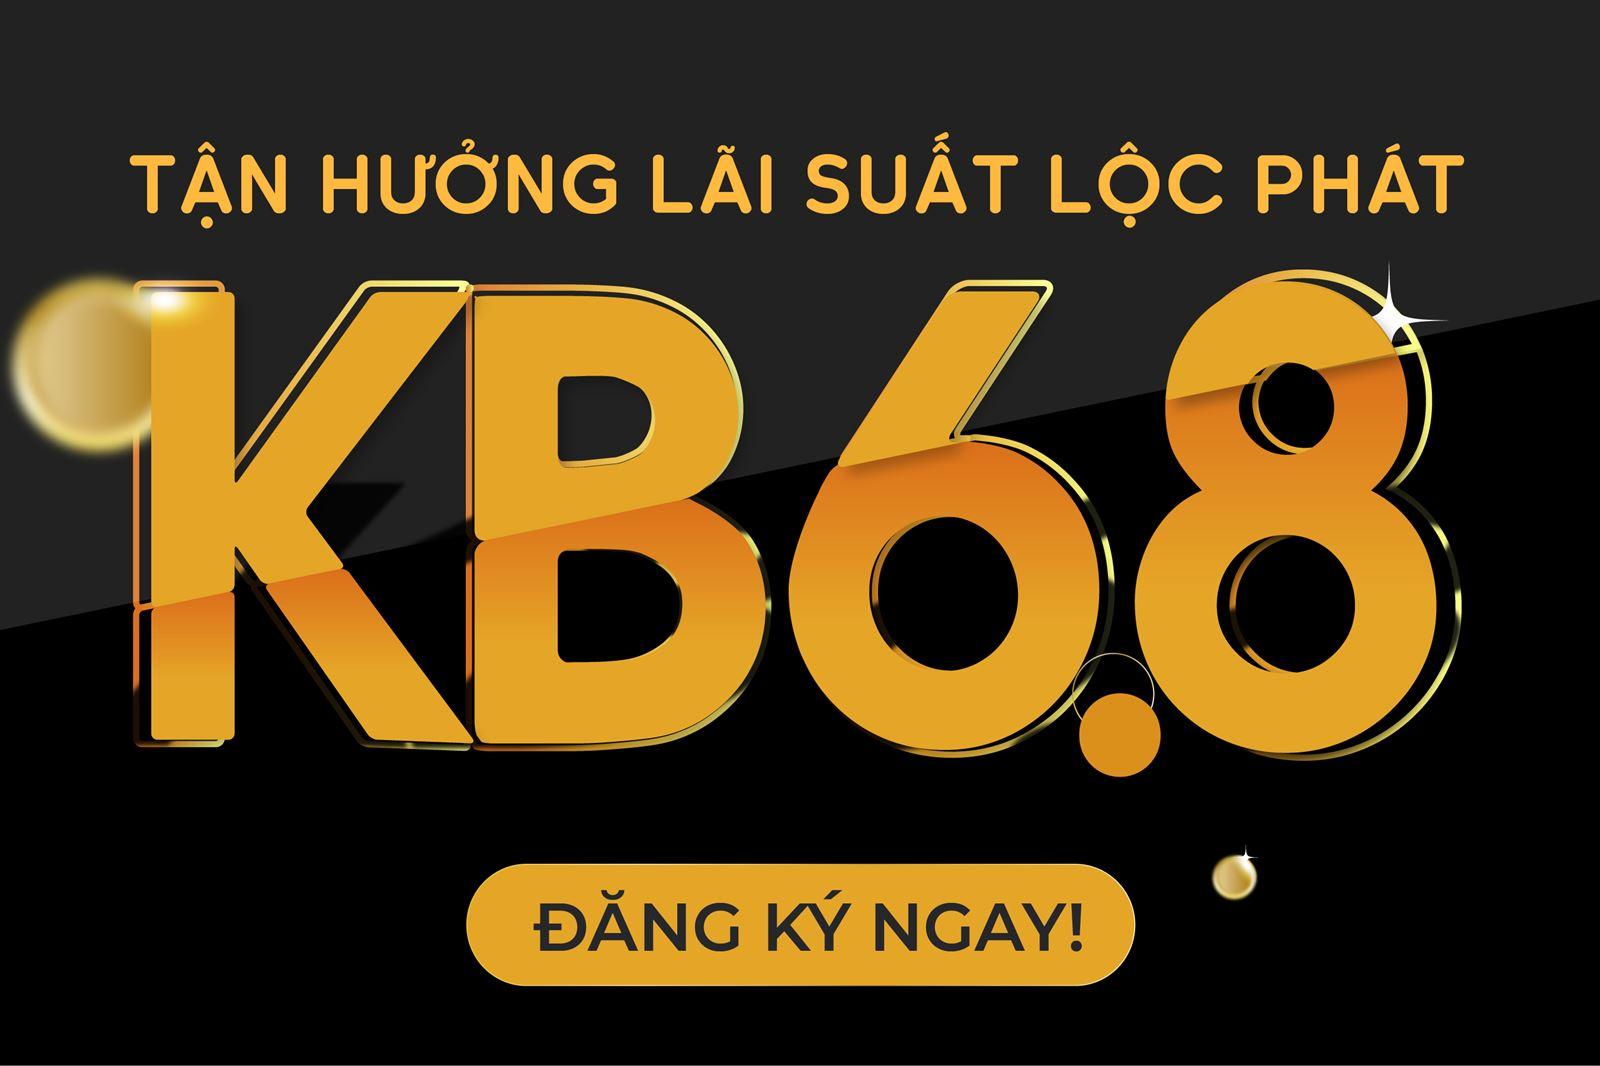 Sản phẩm lộc phát KB 6.8